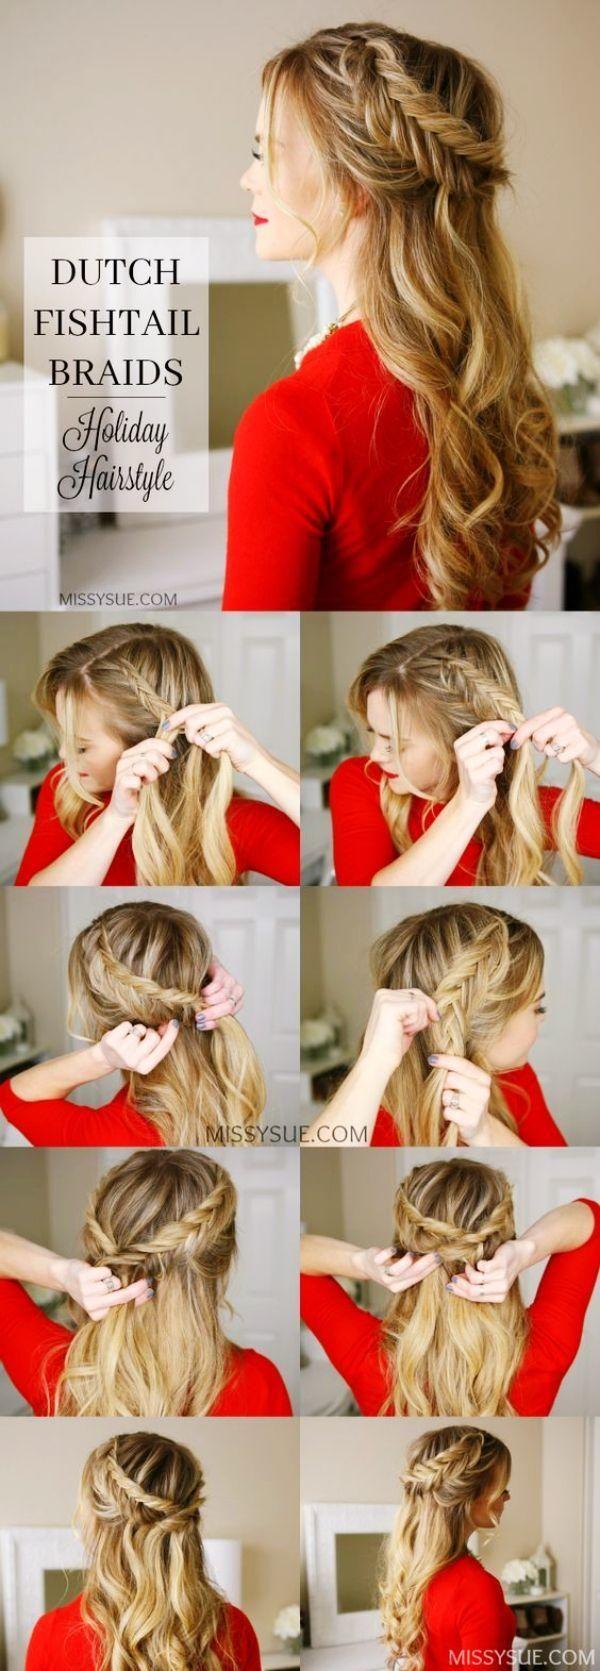 35 Griechische Gottin Half Up Half Down Frisuren Hair Style Braid Perfektes Haar Hair Beauty In 2019 Frisuren Geflochtene Frisuren Und Flechtfrisuren